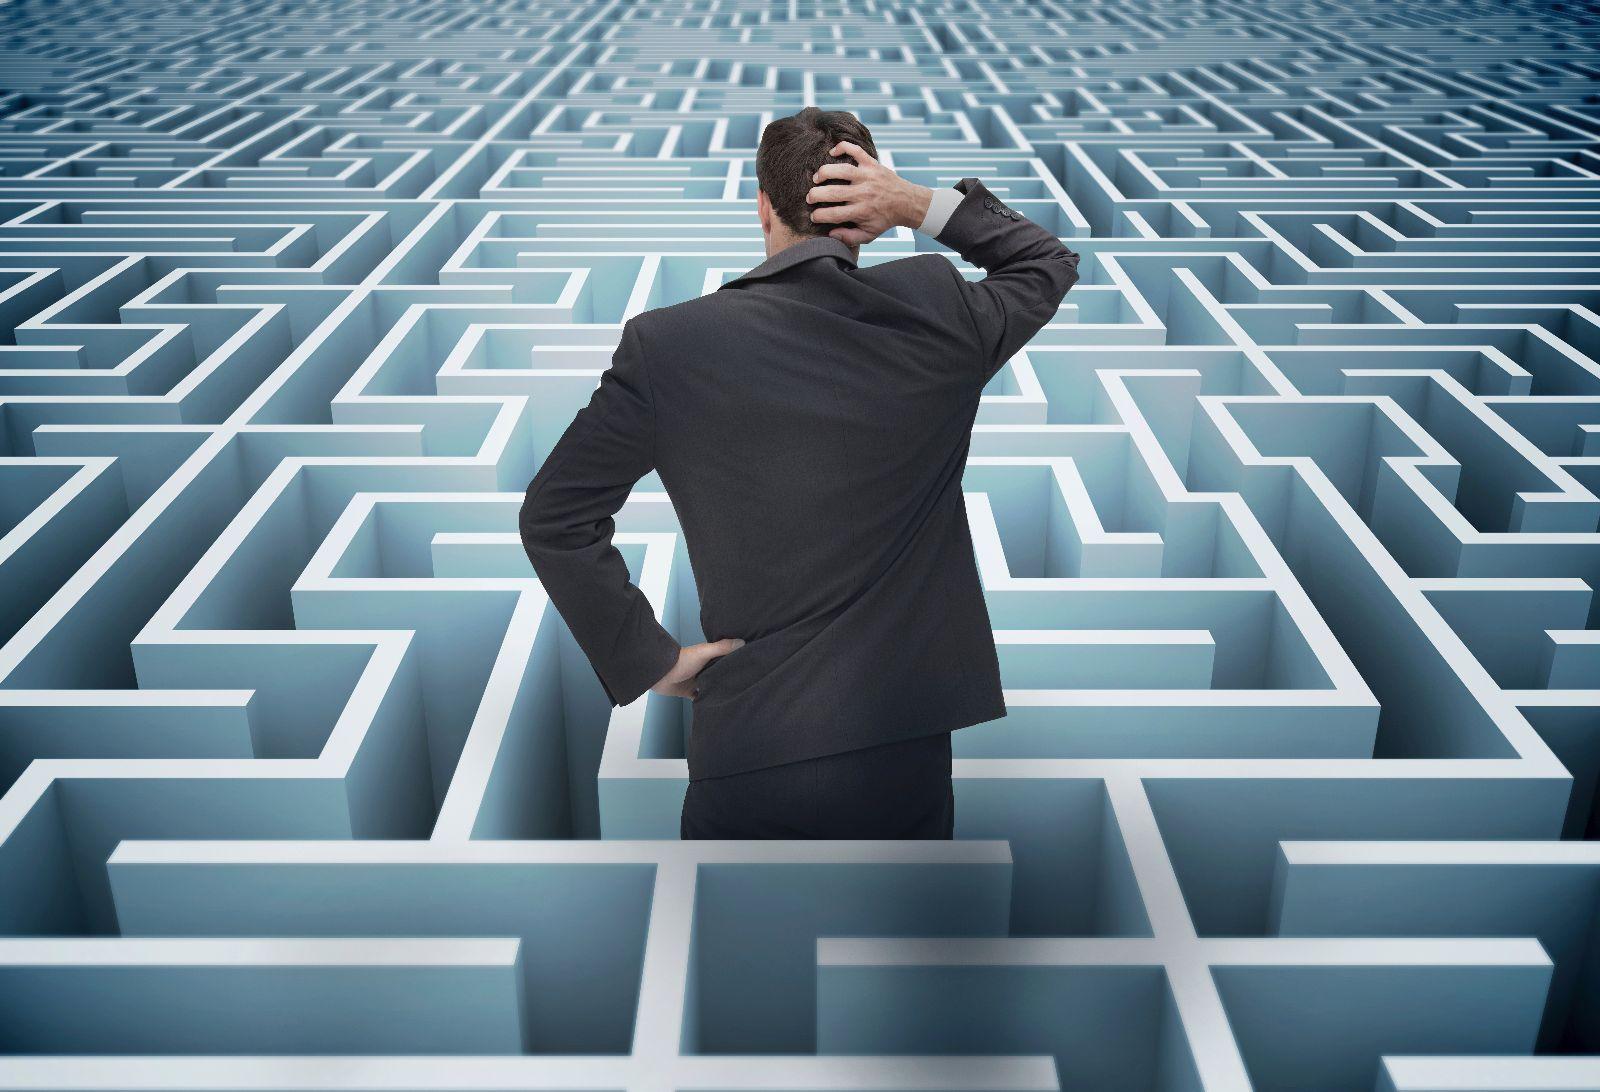 bán hàng, bán hàng online, sai lầm nghiêm trọng khi bán hàng online